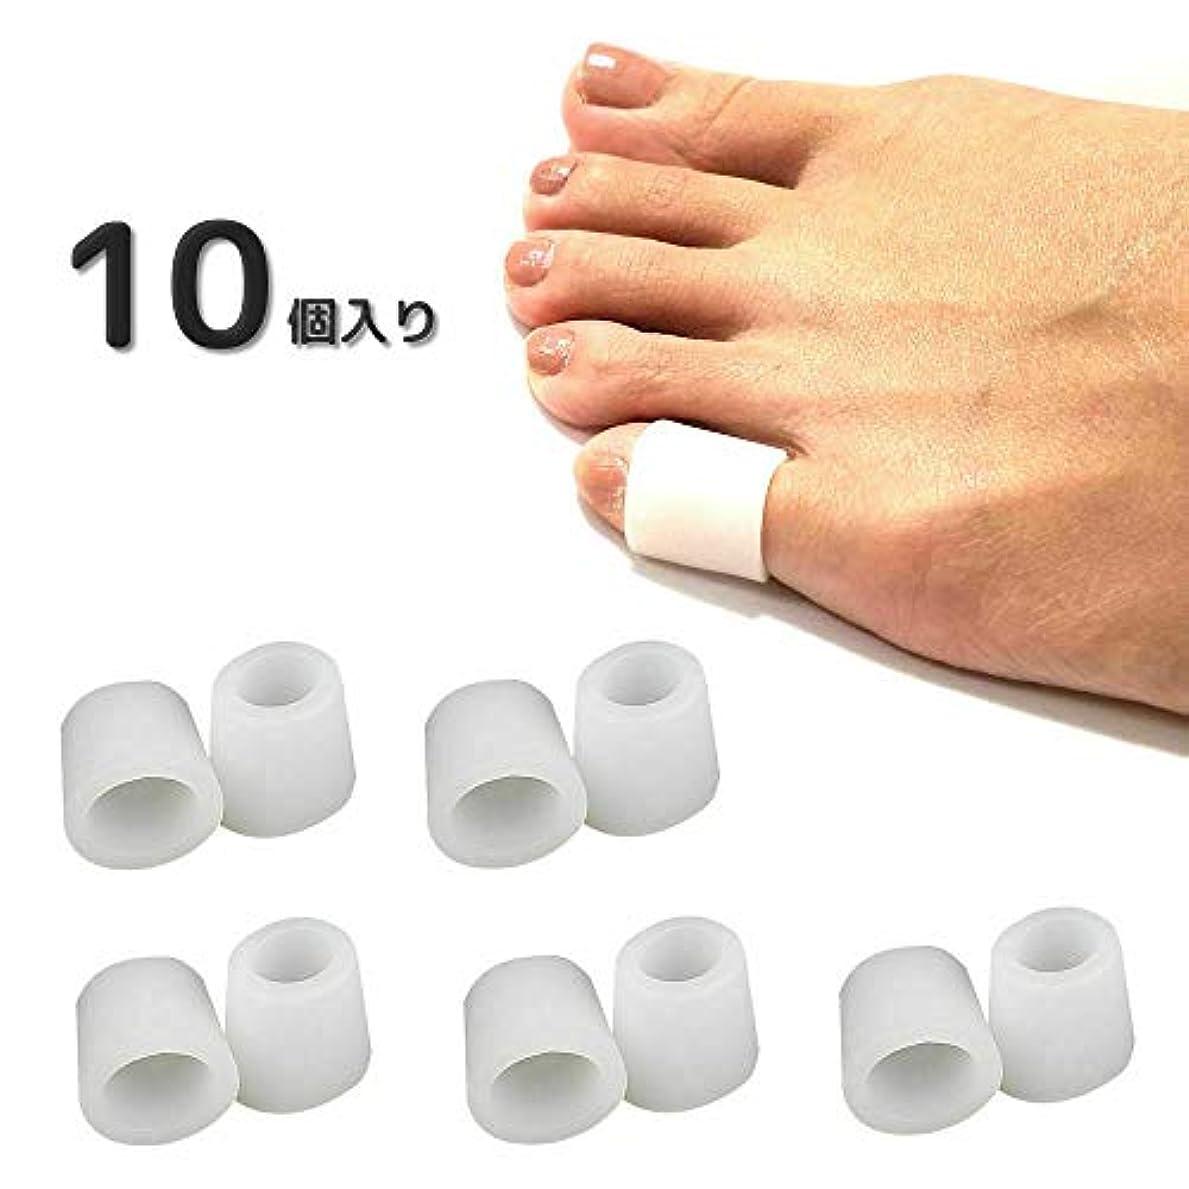 汚染発送スピンLumiele 指や爪の保護キャップ 足爪 足指 柔らかシリコン サポーター 小指 指サック 5セット 10個入り